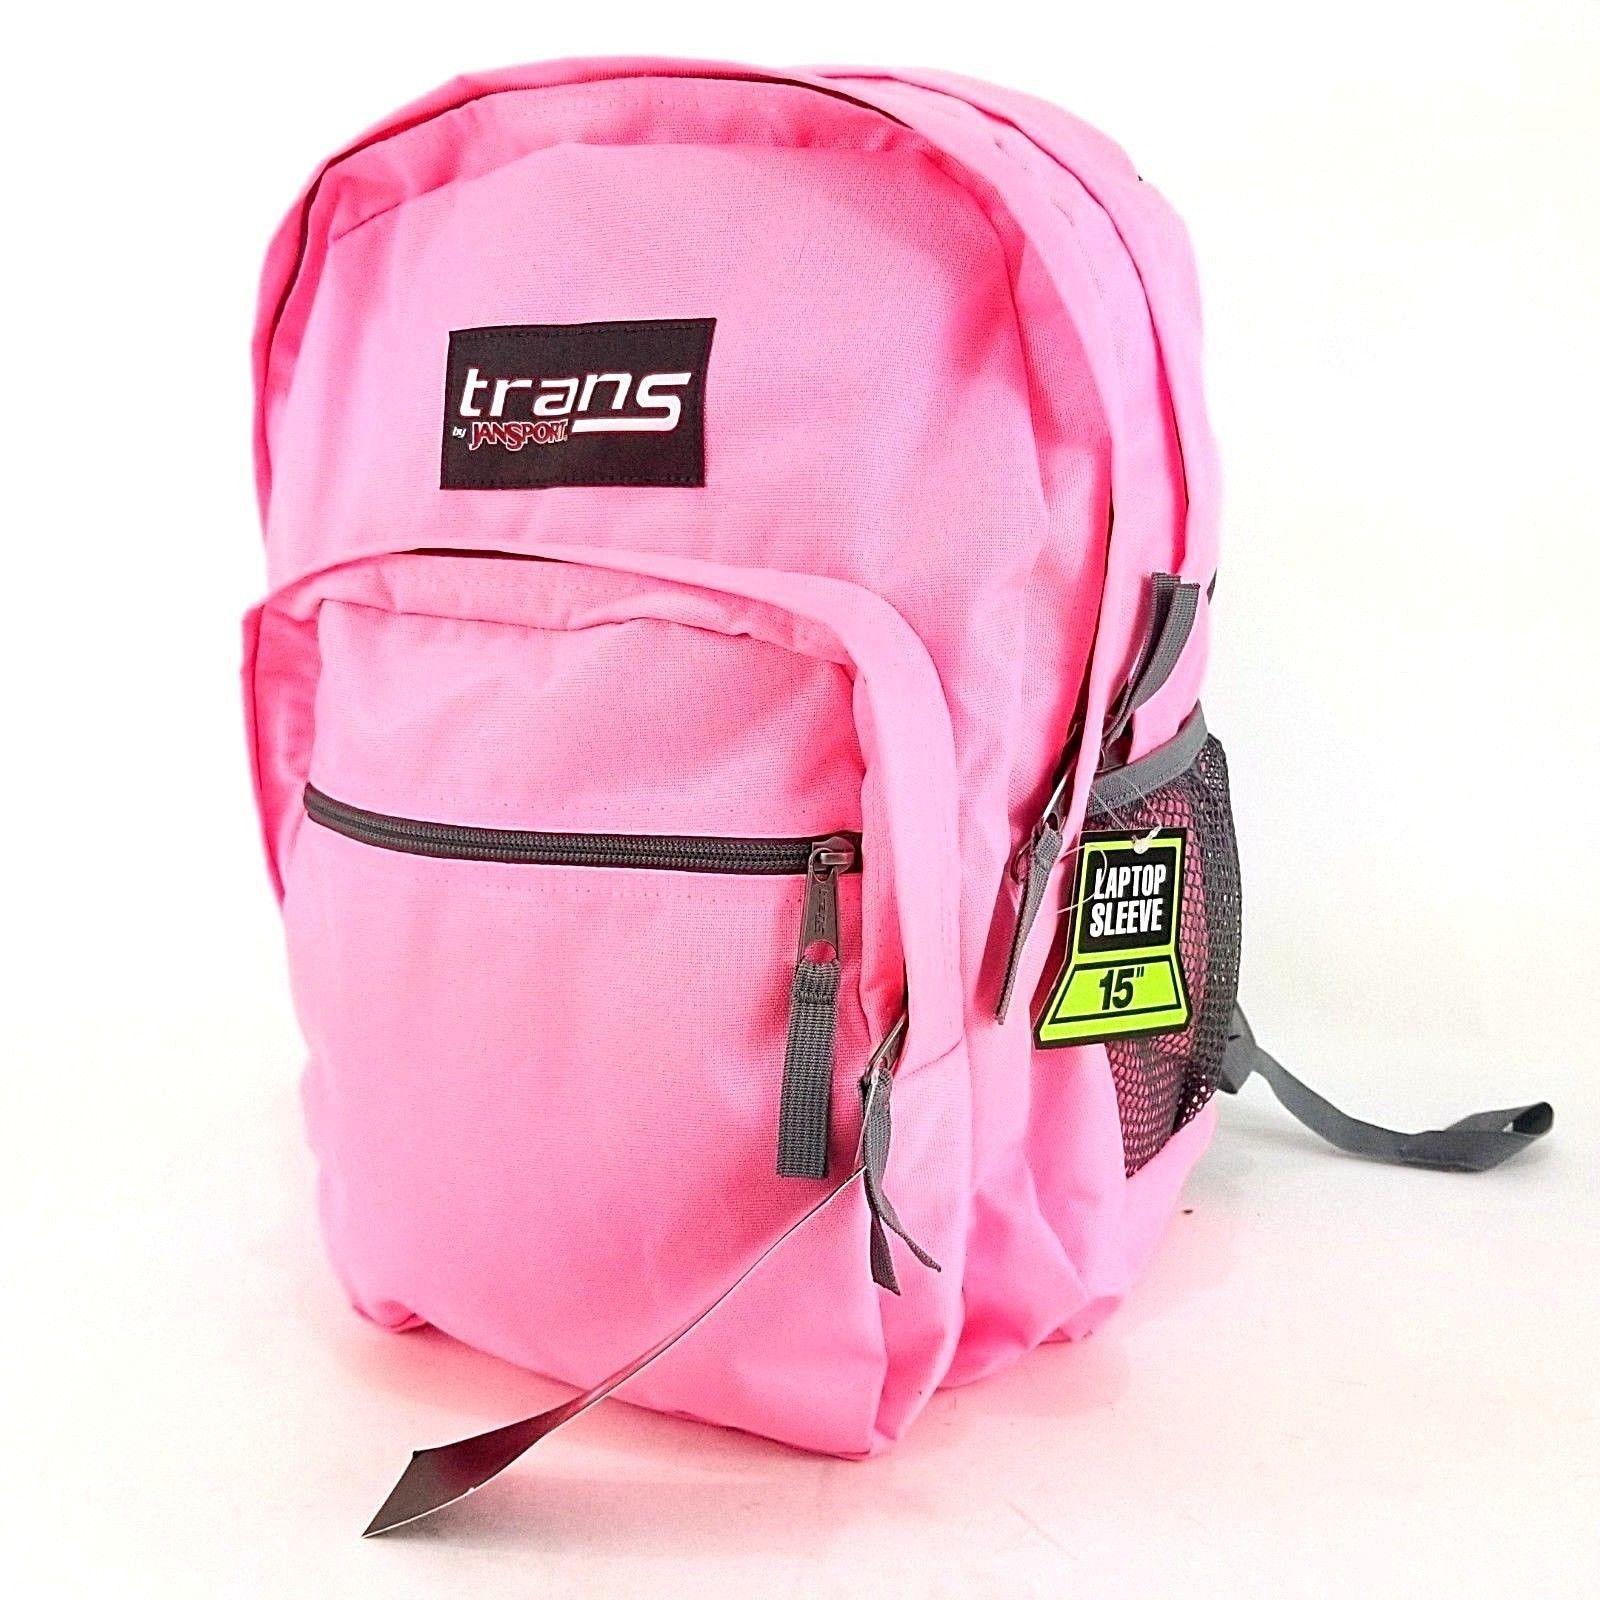 Trans Jansport Backpack Lifetime Warranty